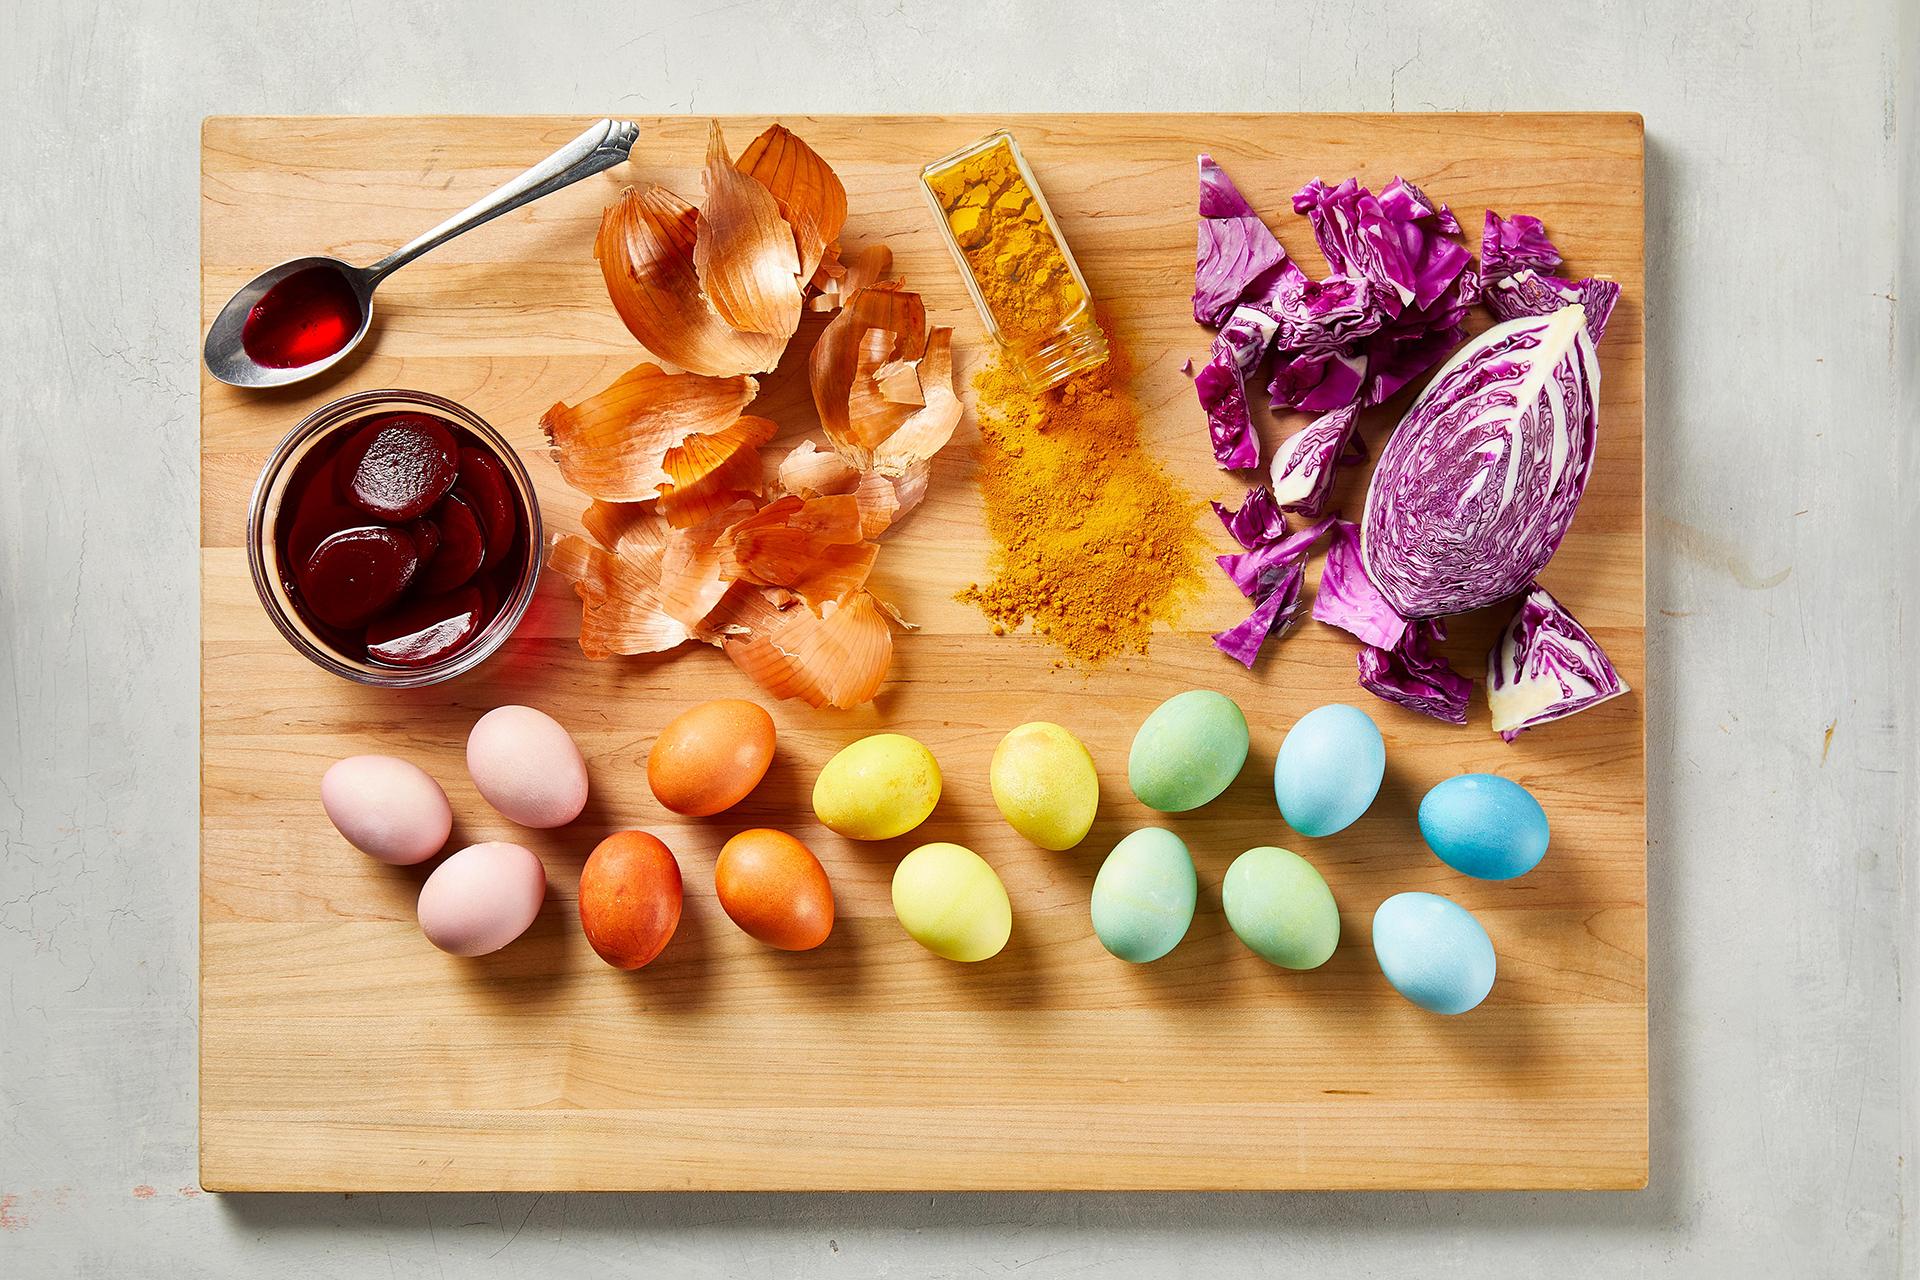 رنگ کردن تخم مرغ با رنگ طبیعی